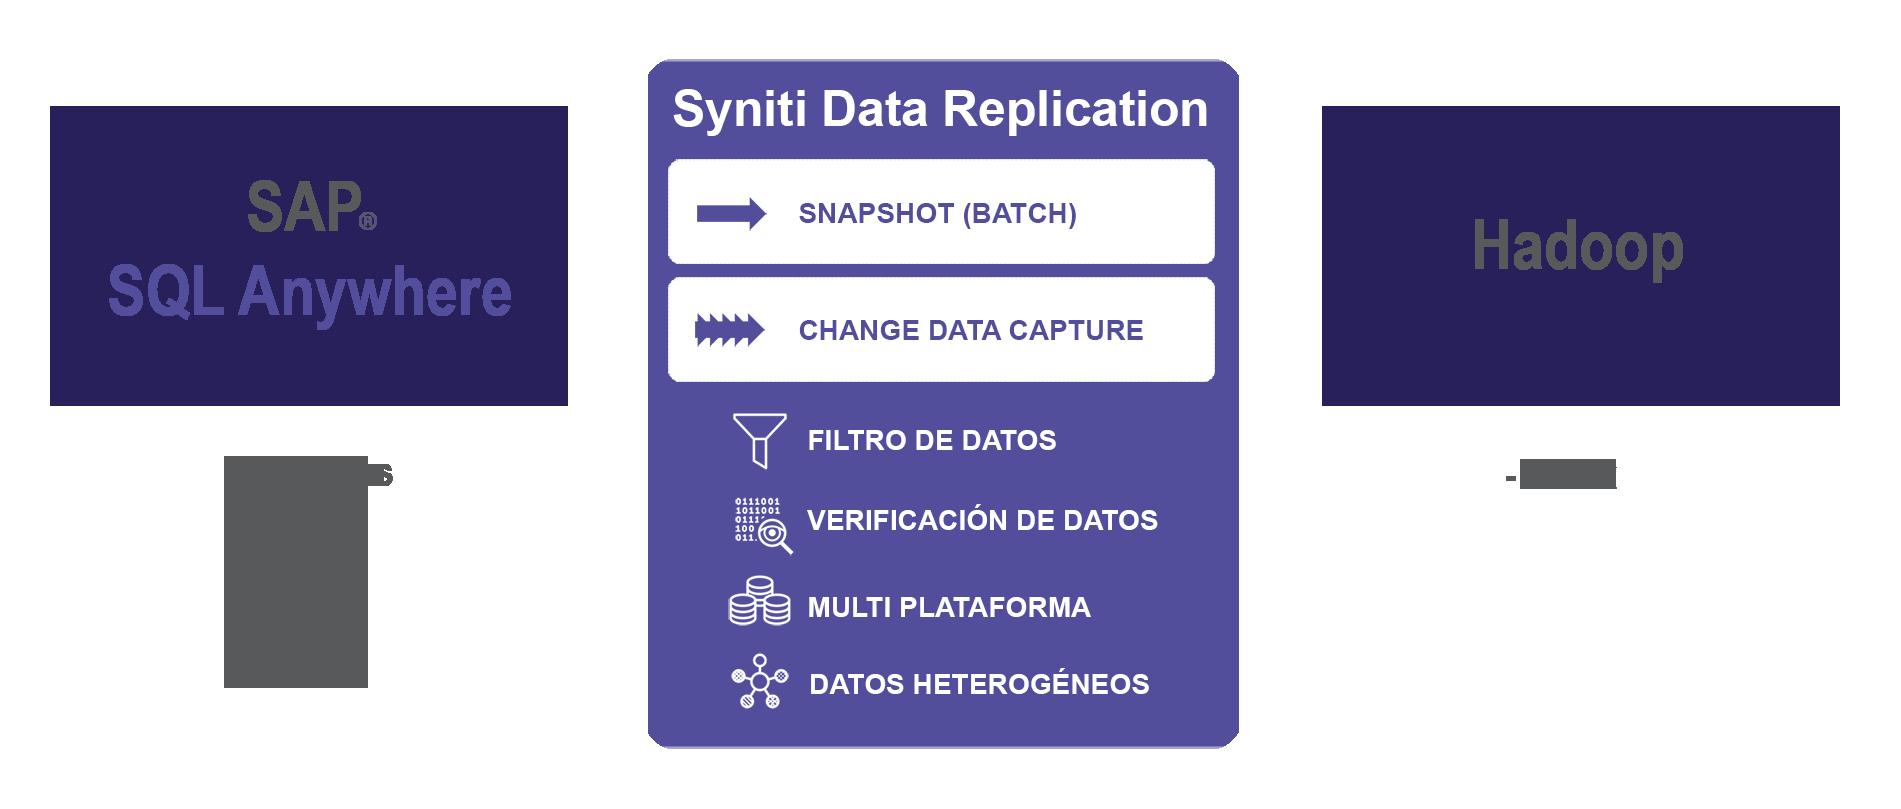 Replicación de datos SQL Anywhere a Hadoop